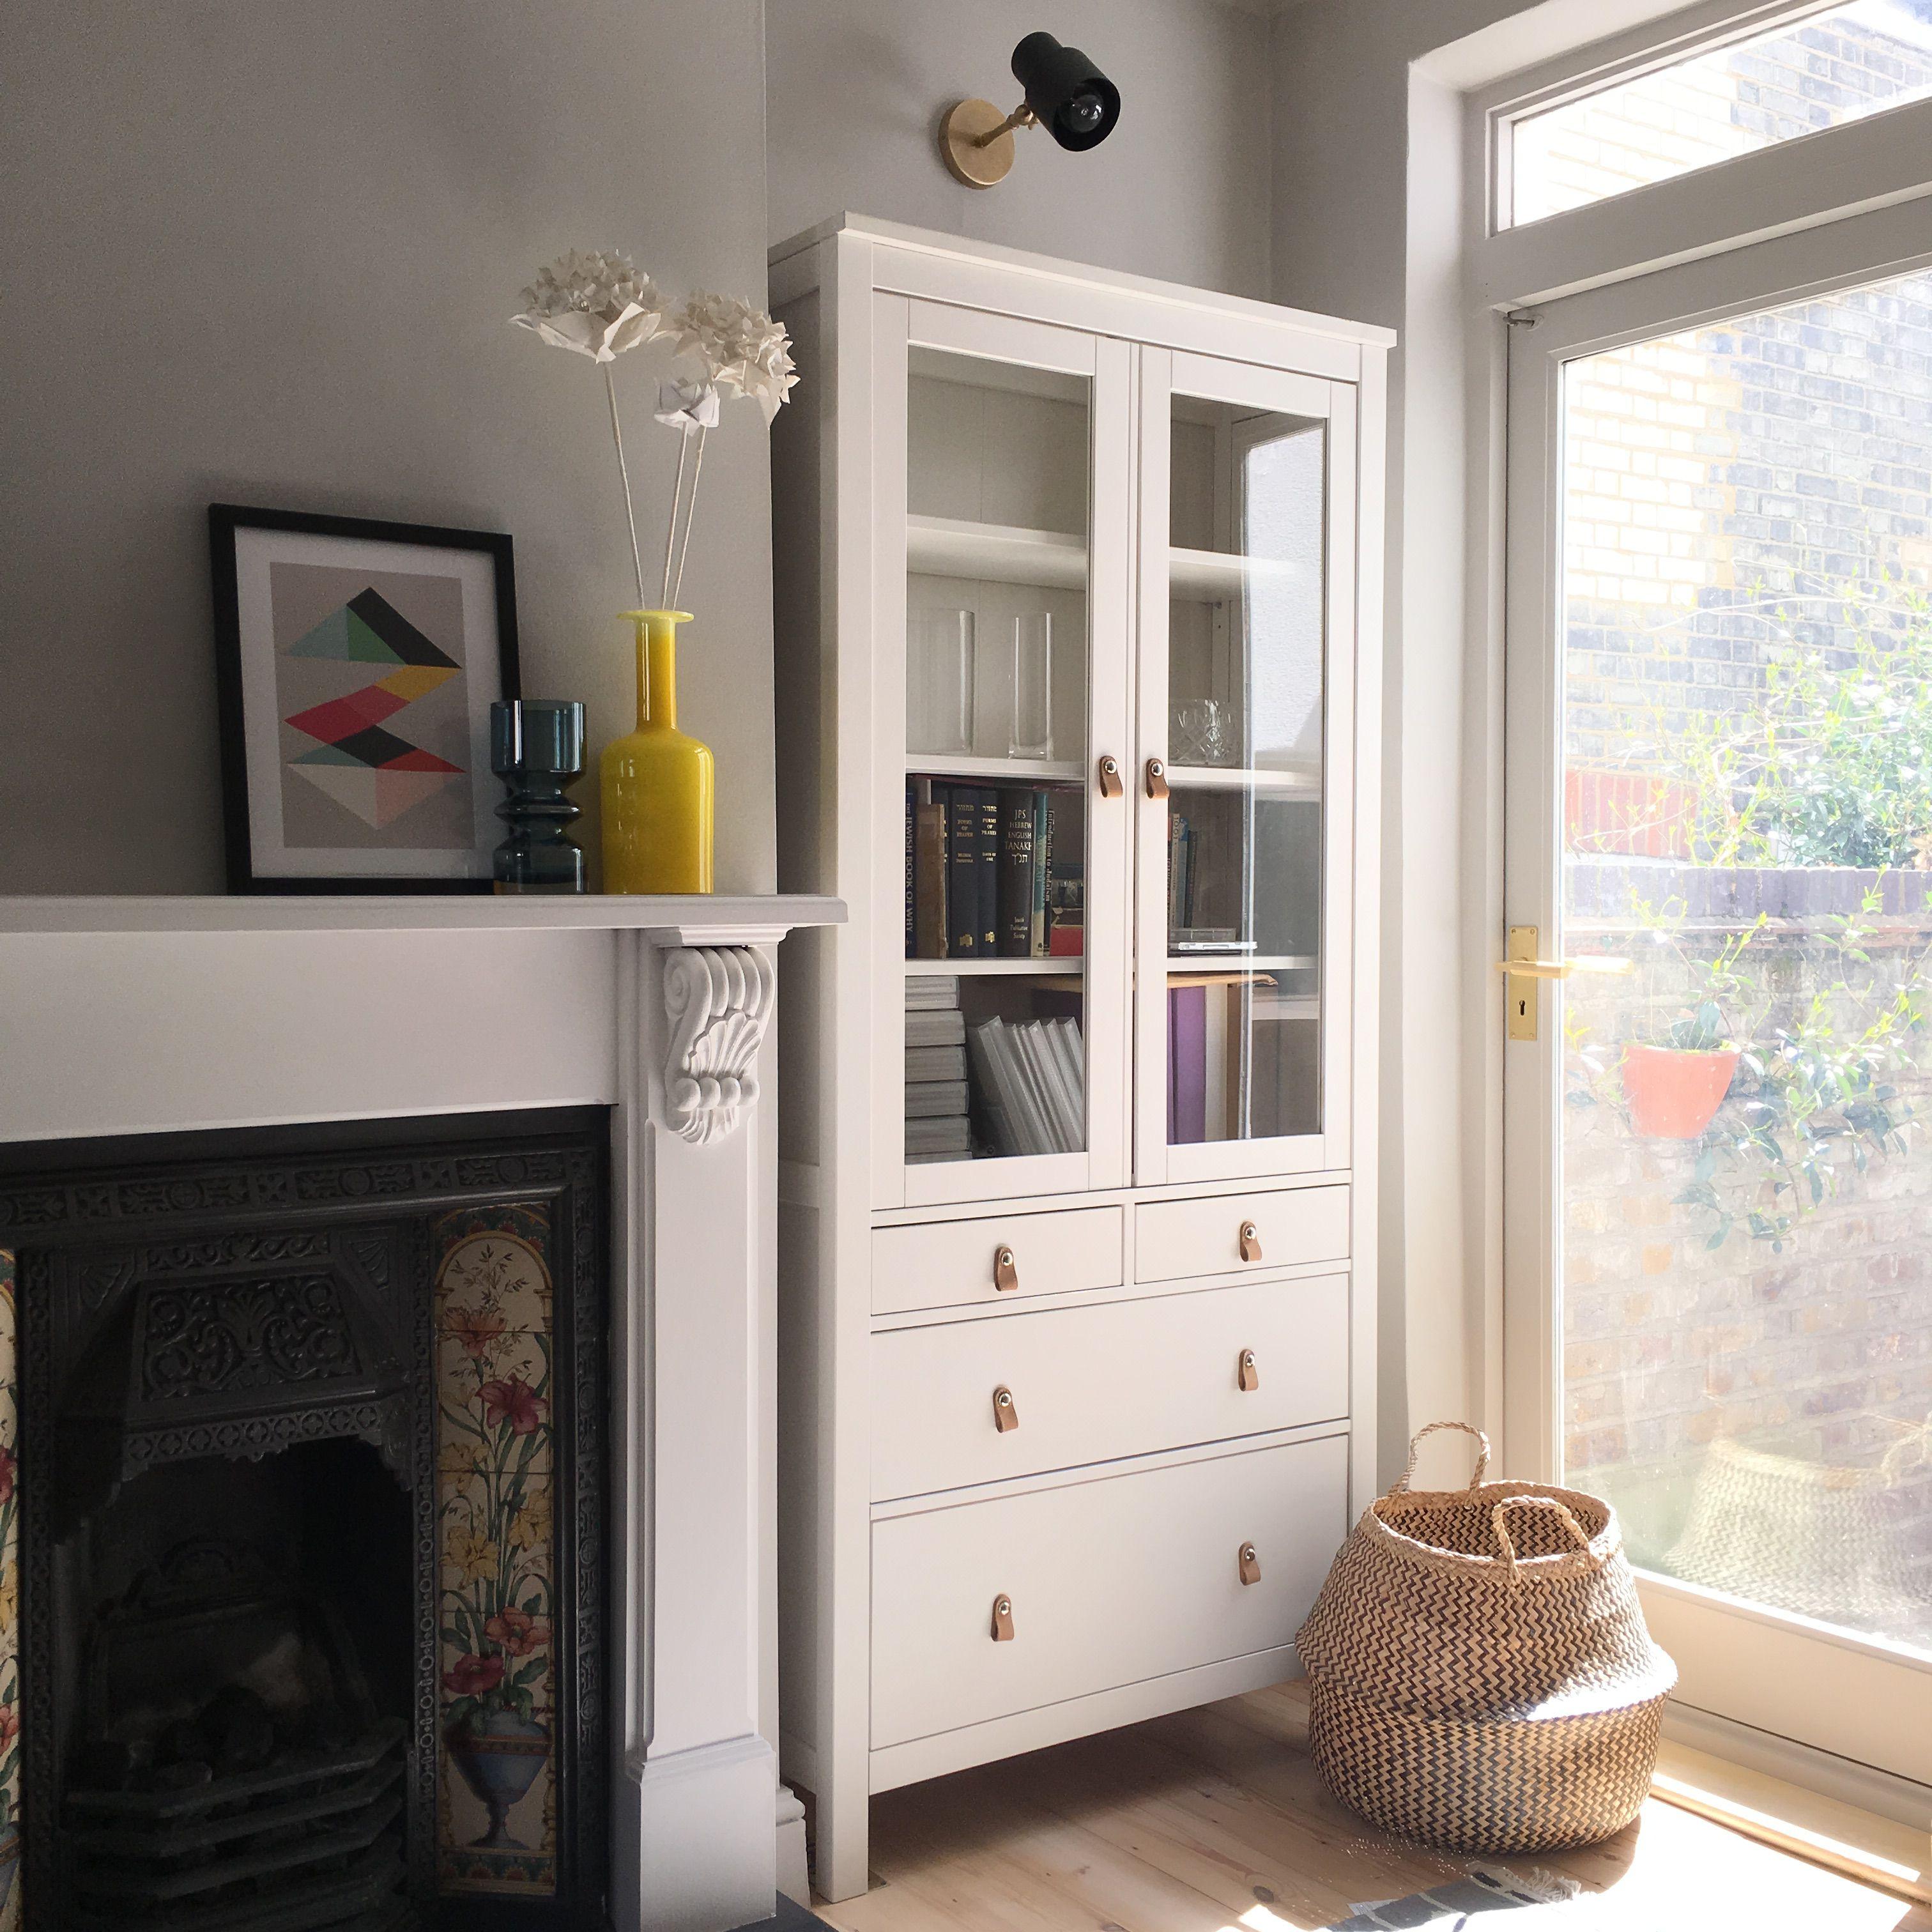 Ikea Hemnes Cabinet With Zara Home Handles In Victorian Terrace